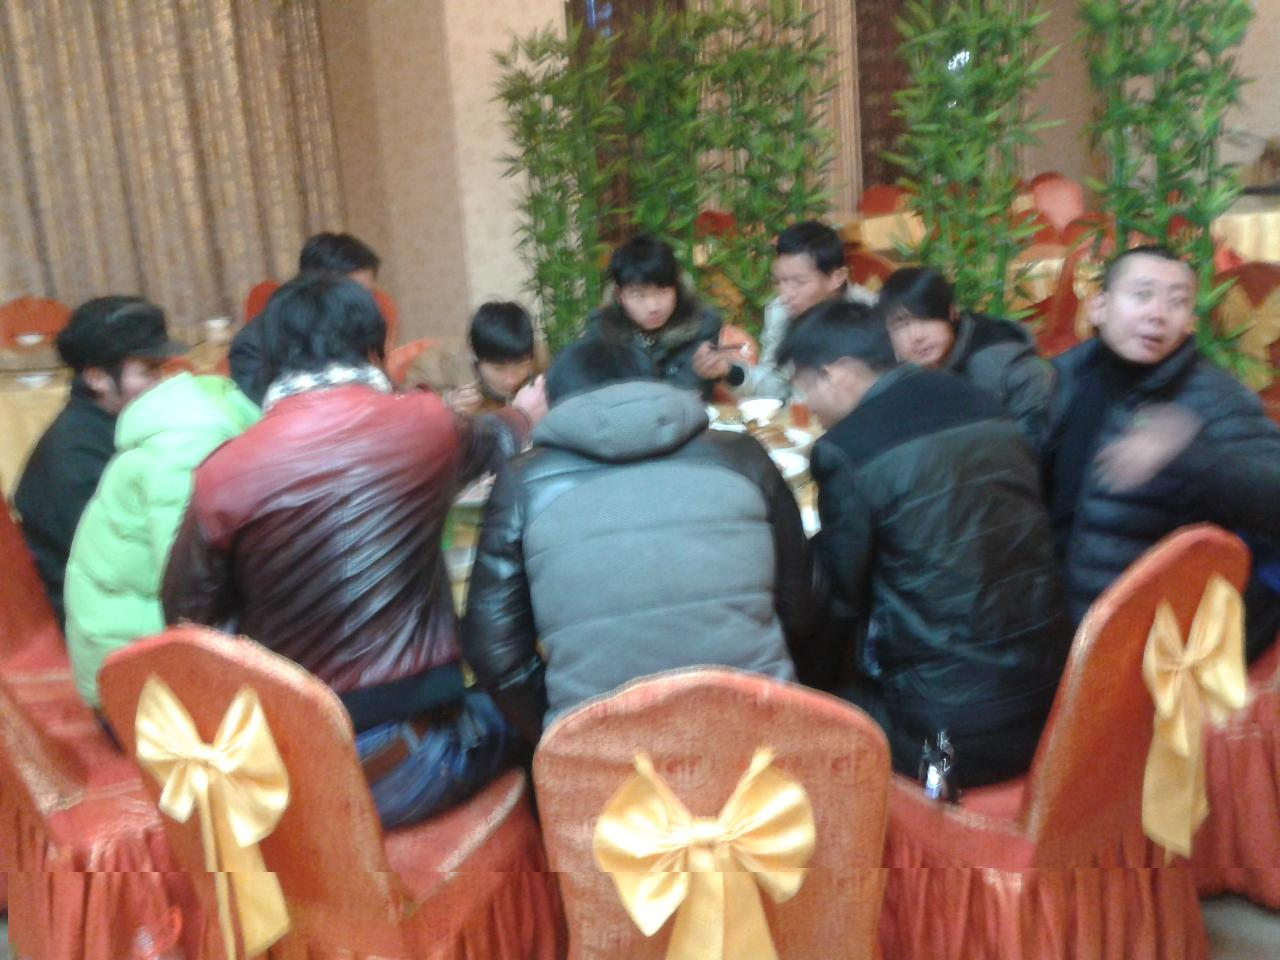 聚餐吃饭照片,多人聚餐吃饭照片,同事聚餐_点力图库